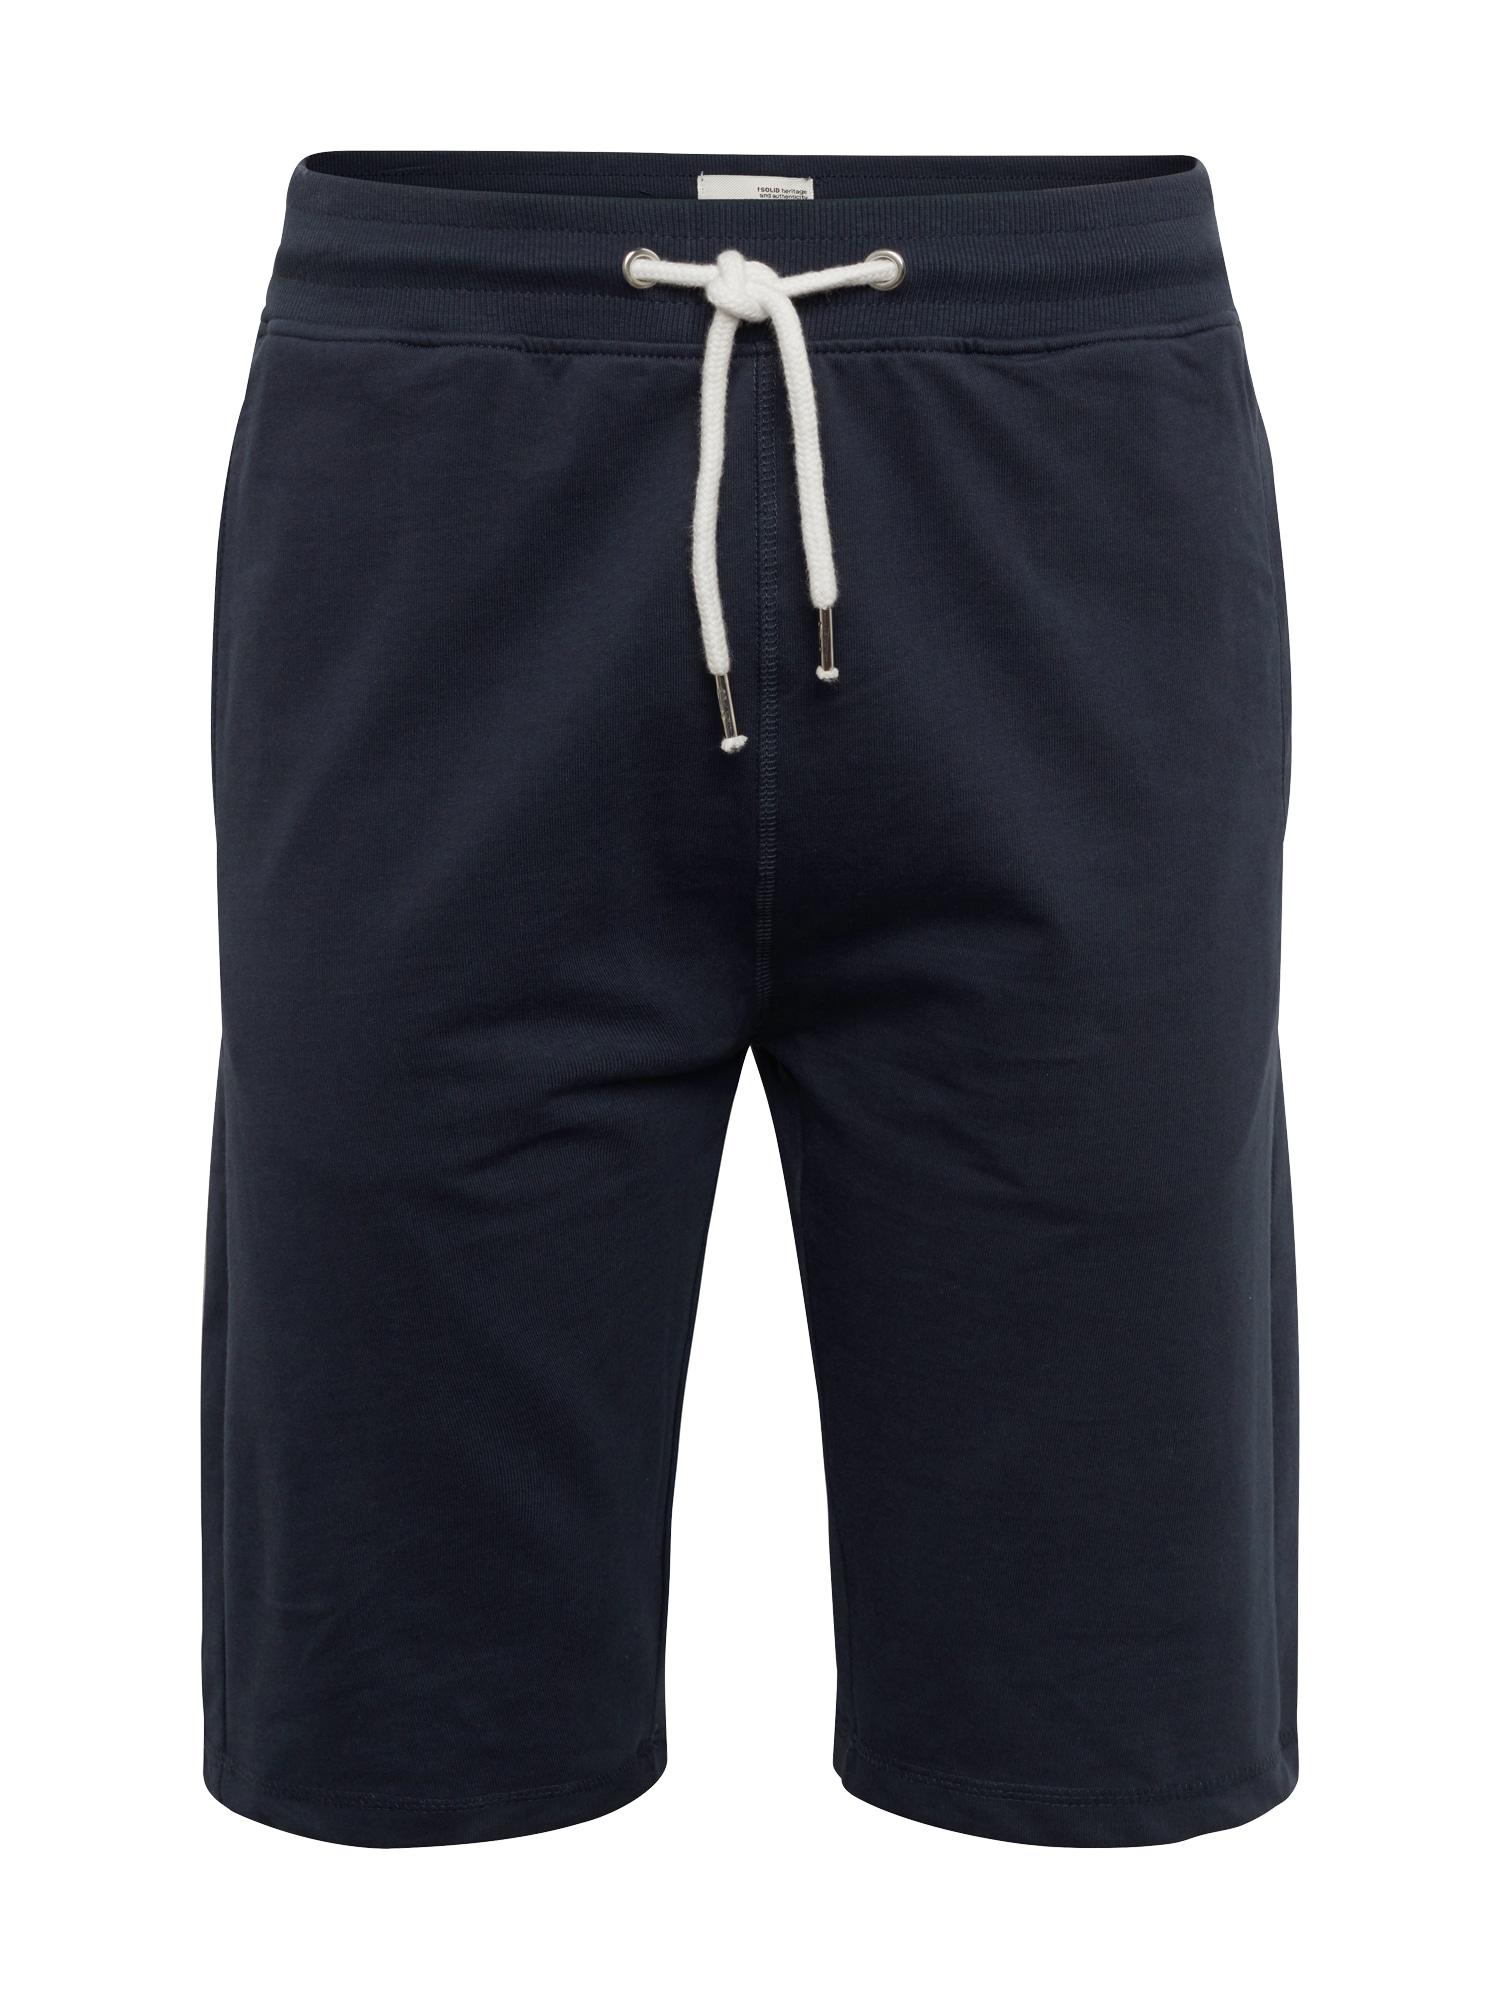 Kalhoty REGULAR-MORGAN tmavě modrá !Solid